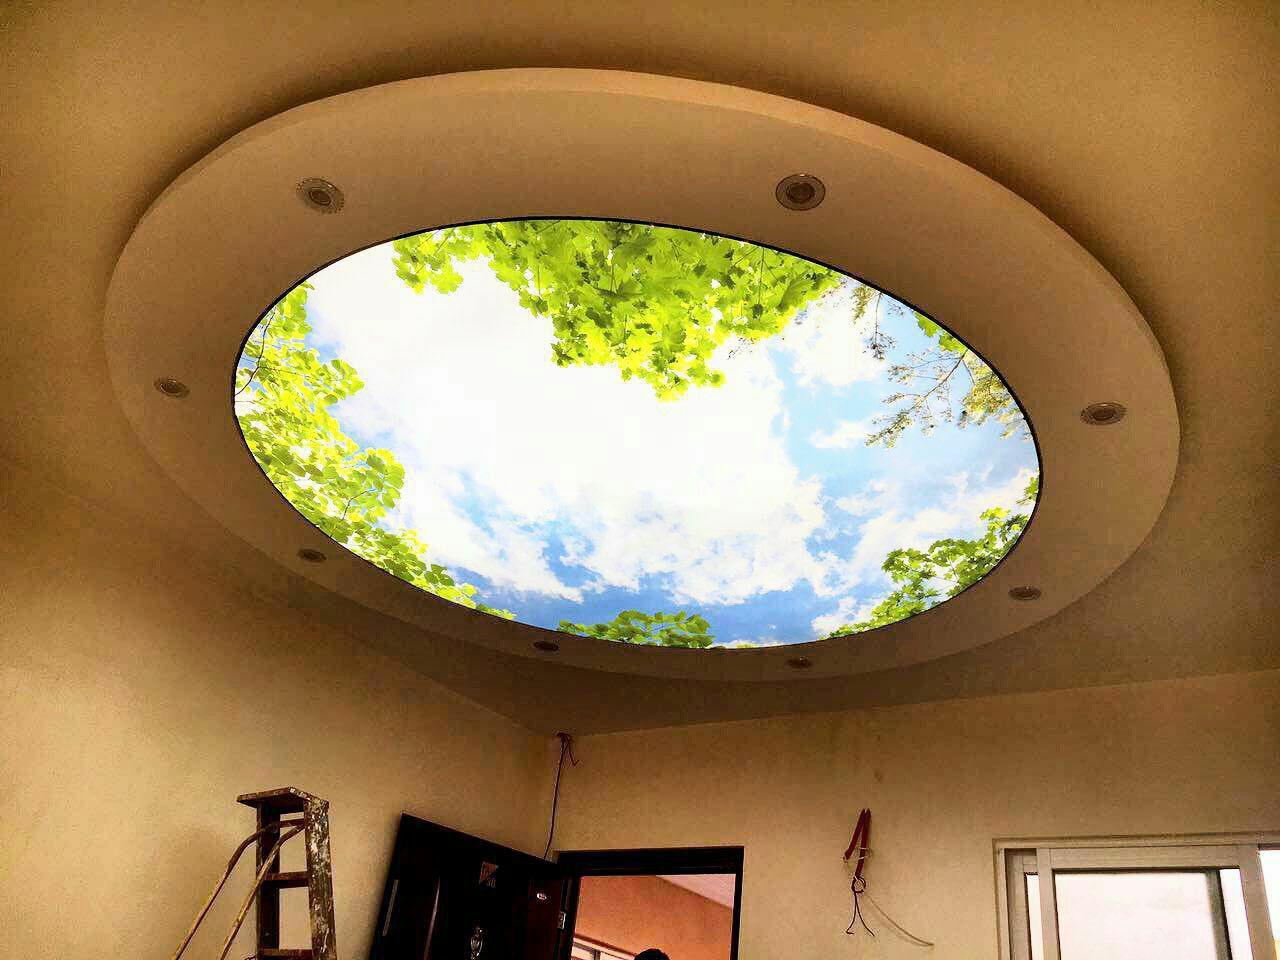 سقف کشسان به سبک مدرن